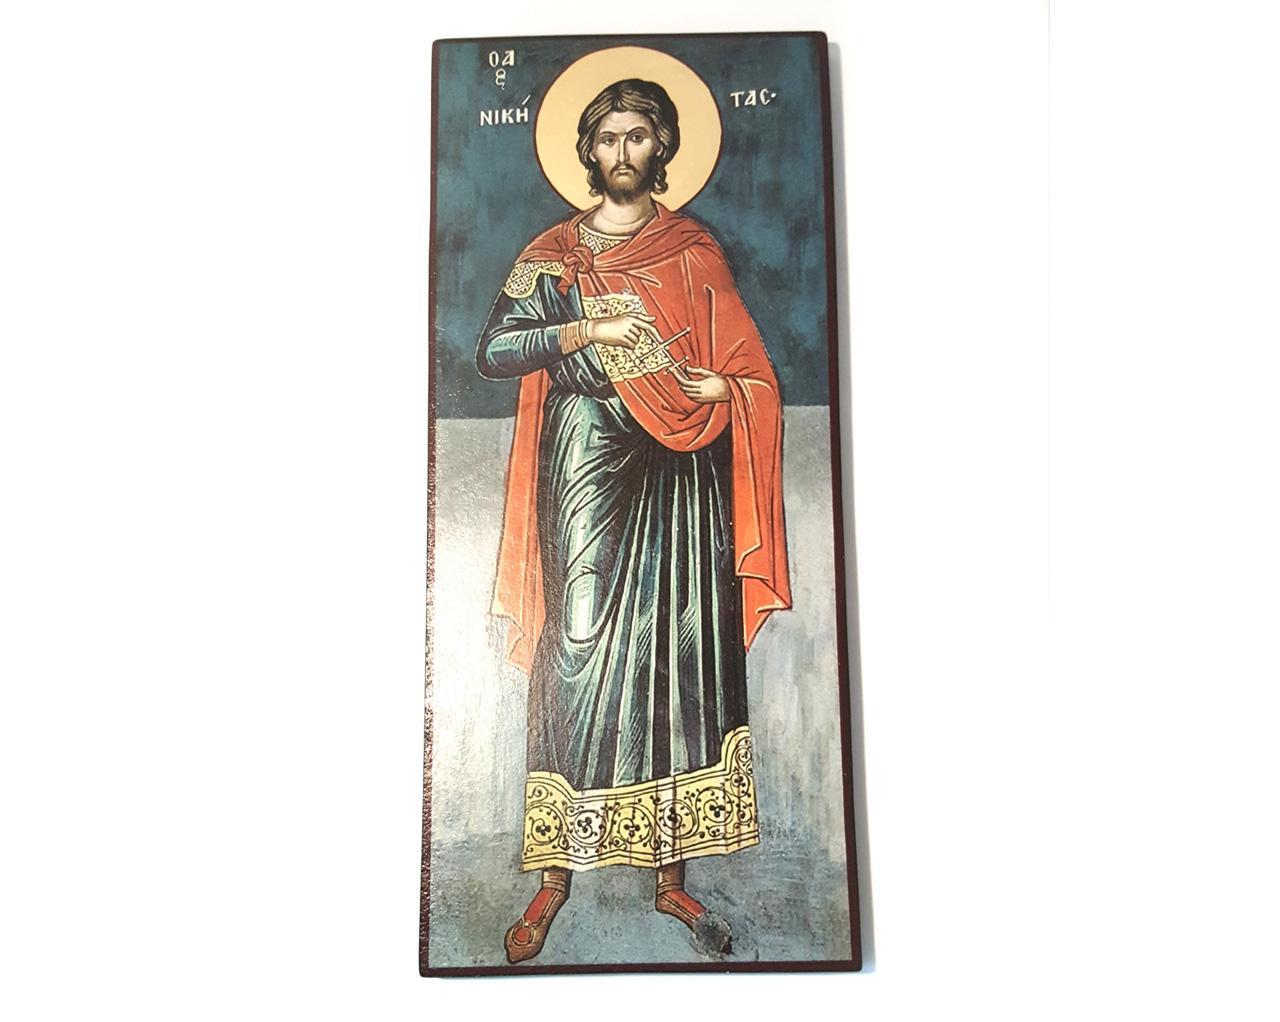 Мірна Ікона Святого Микити Бісогона  cf74726219f76